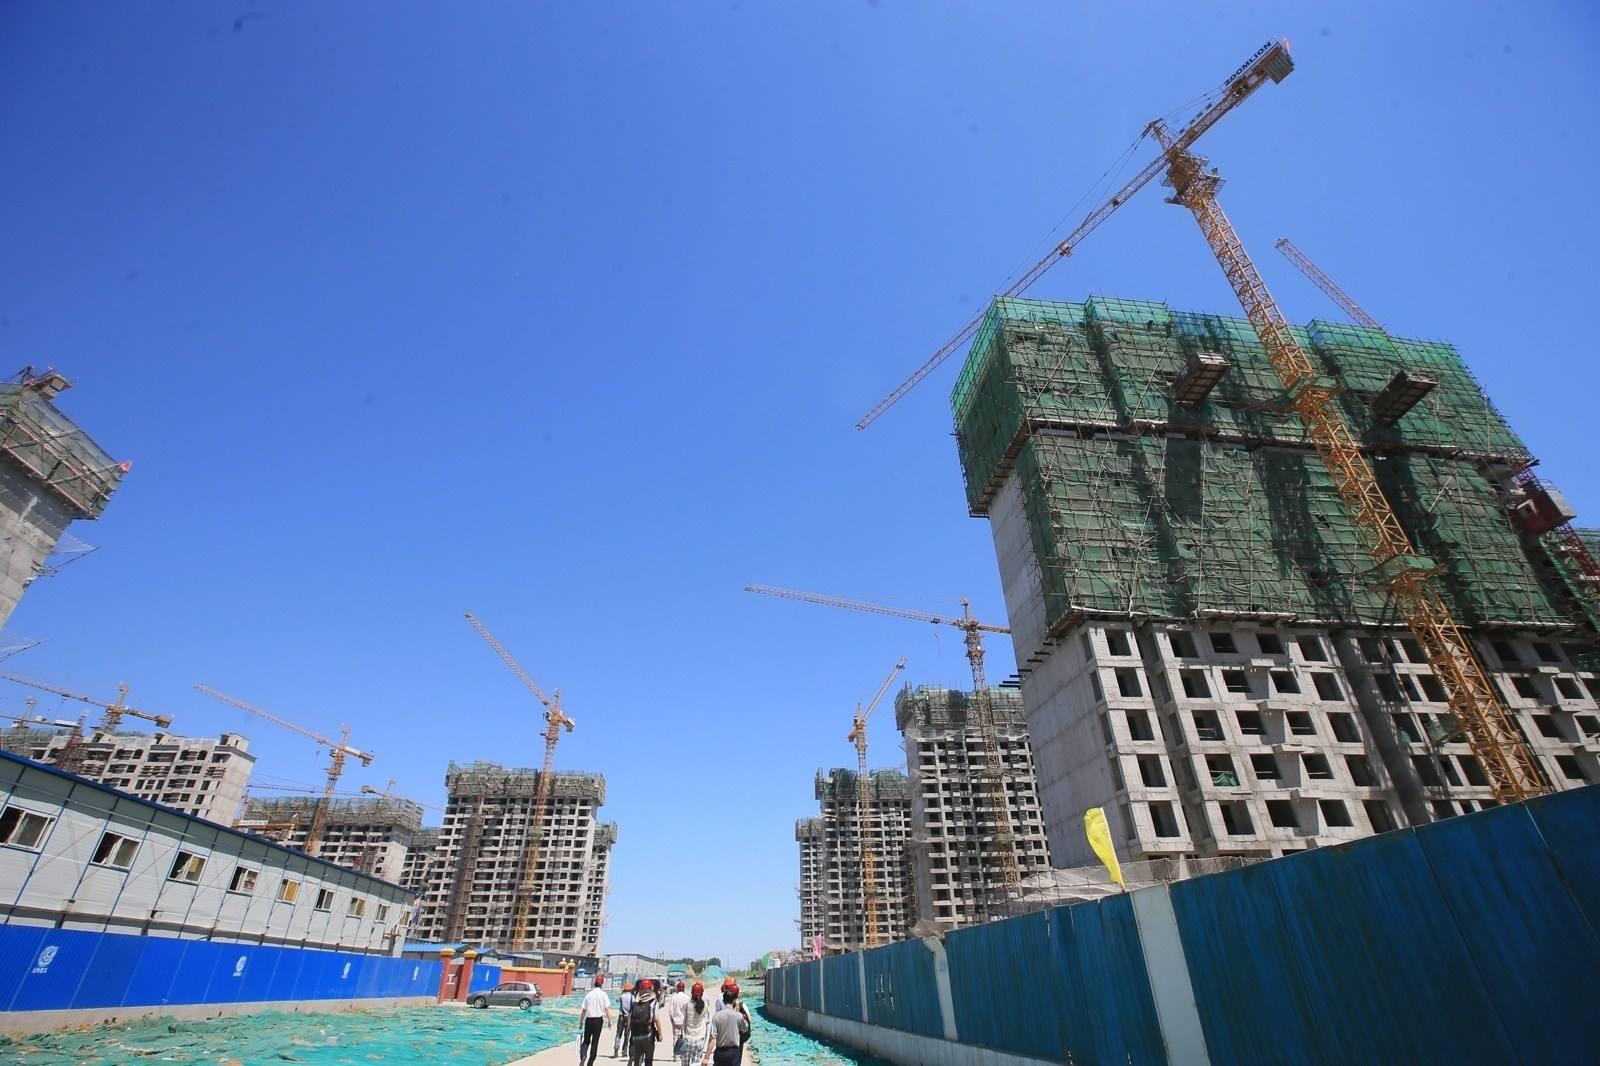 深圳福田今年计划筹建保障房8731套 1600套公租房15日起开始签约